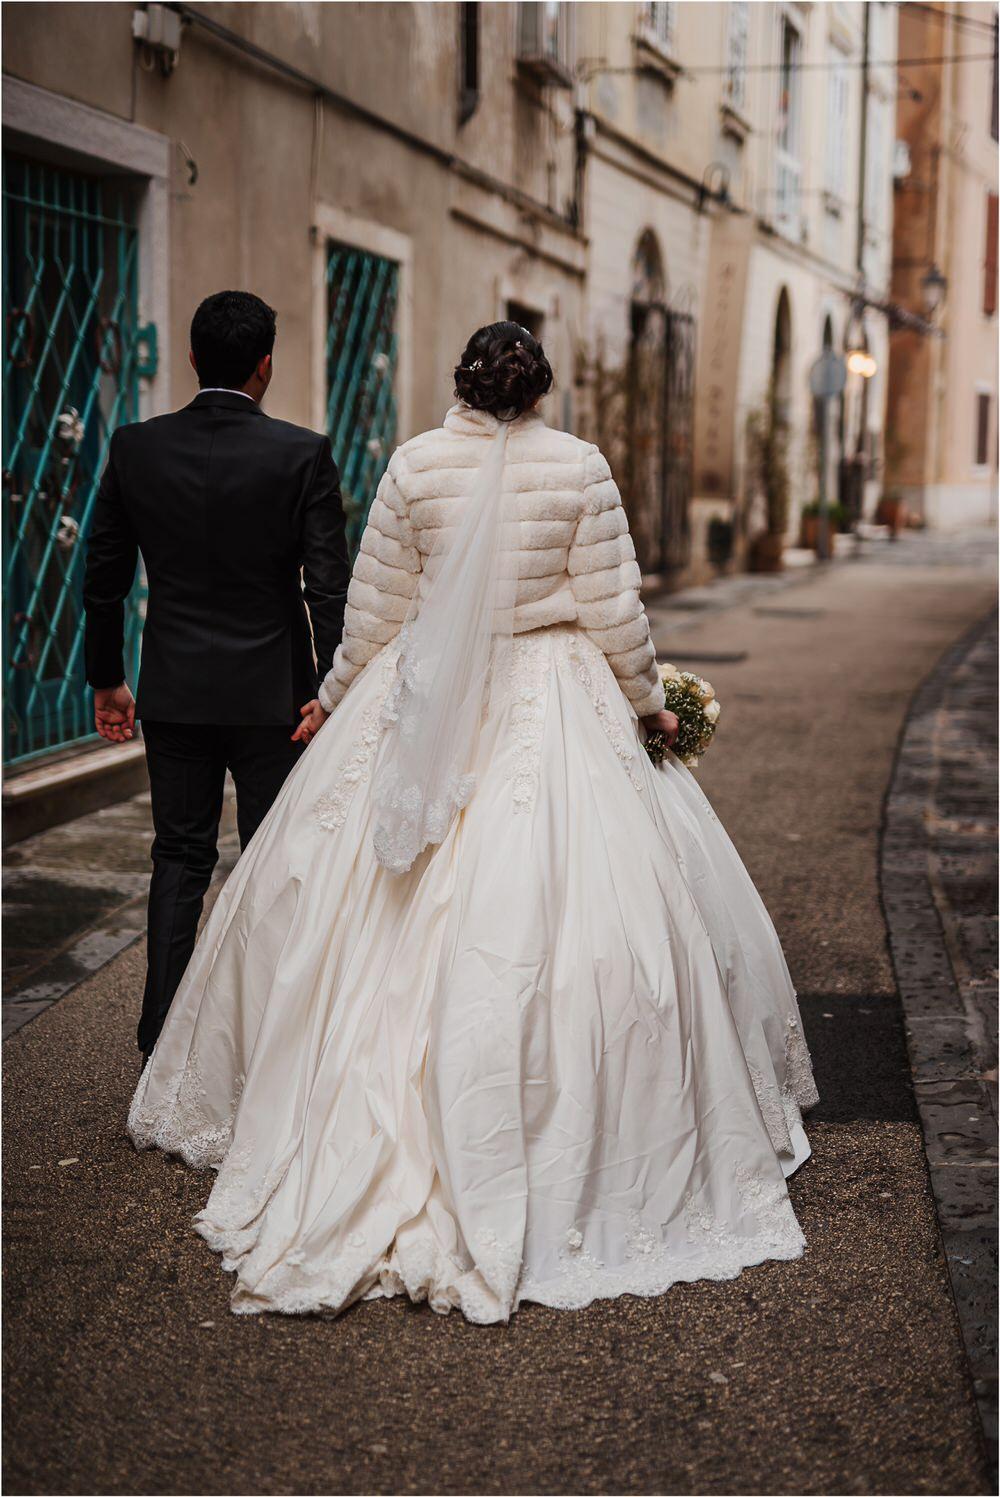 piran slovenia wedding elopement poroka obala portoroz primorska soline secovlje morje beach 0025.jpg